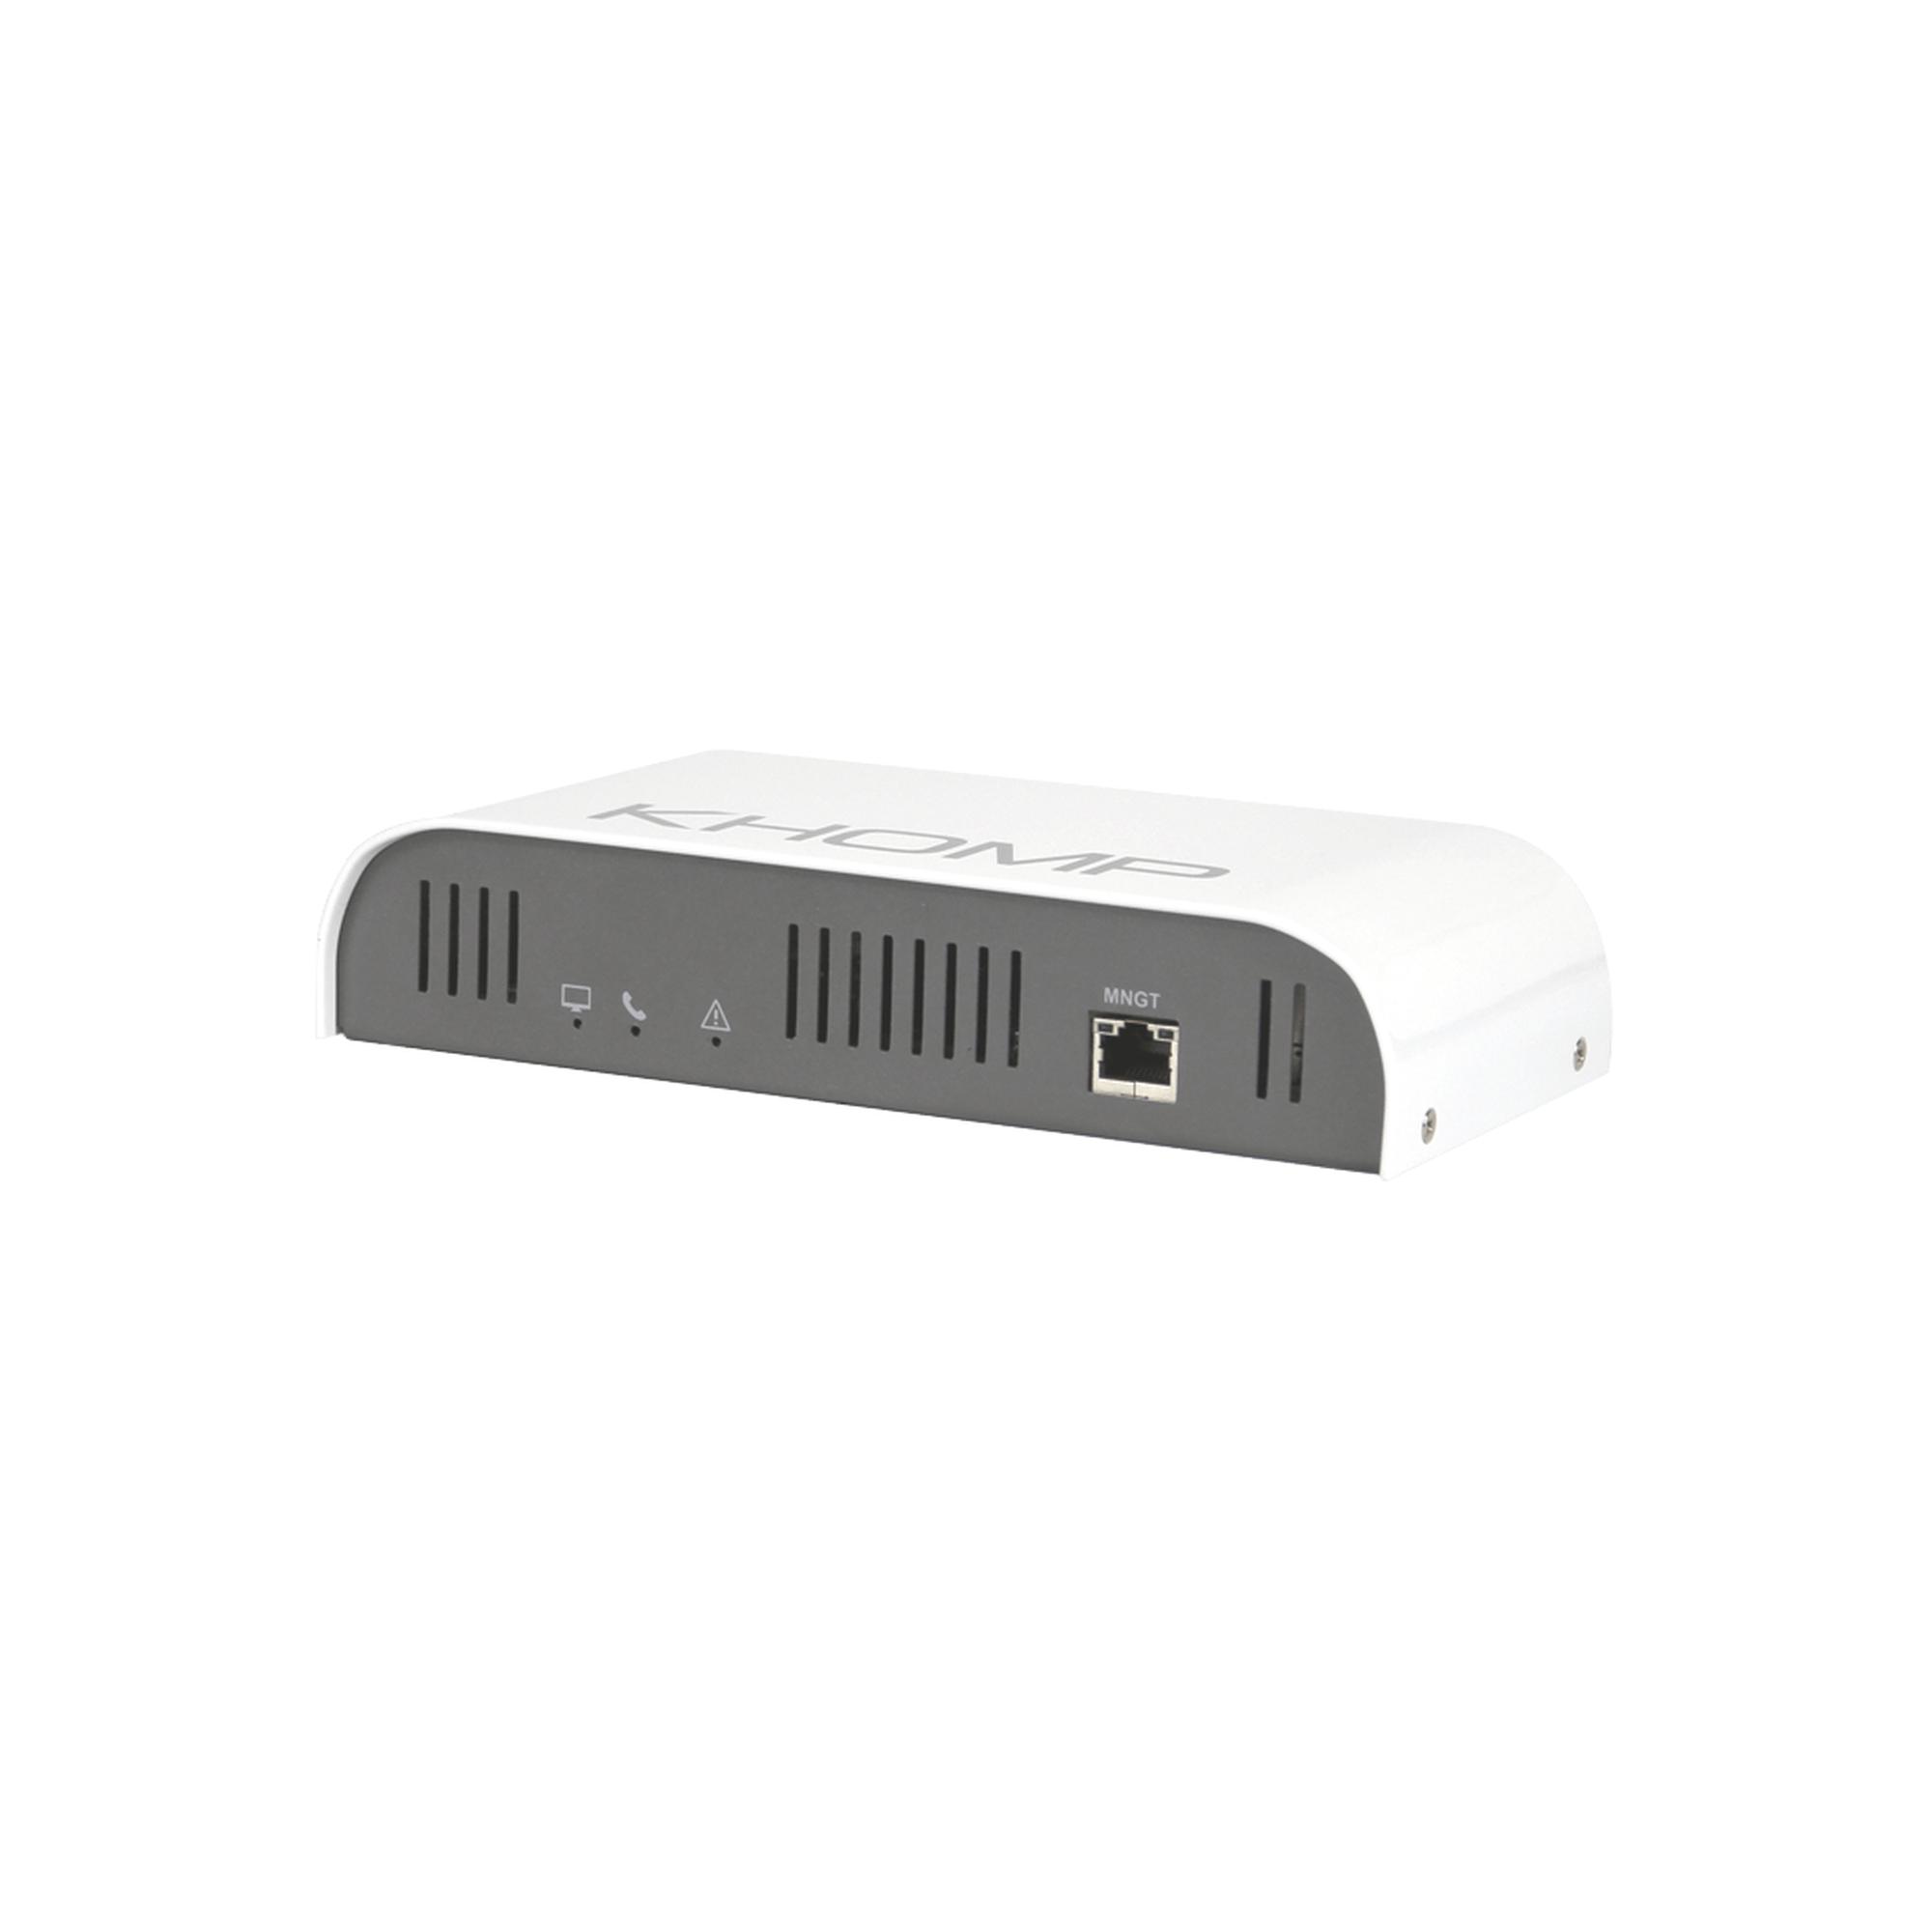 Gateway UMG 104 con 1 puerto E1/T1(RJ45), 30 Canales E1, SBC hasta 28 canales (con licencia), 3 puertos de red 100/1000 Mbps